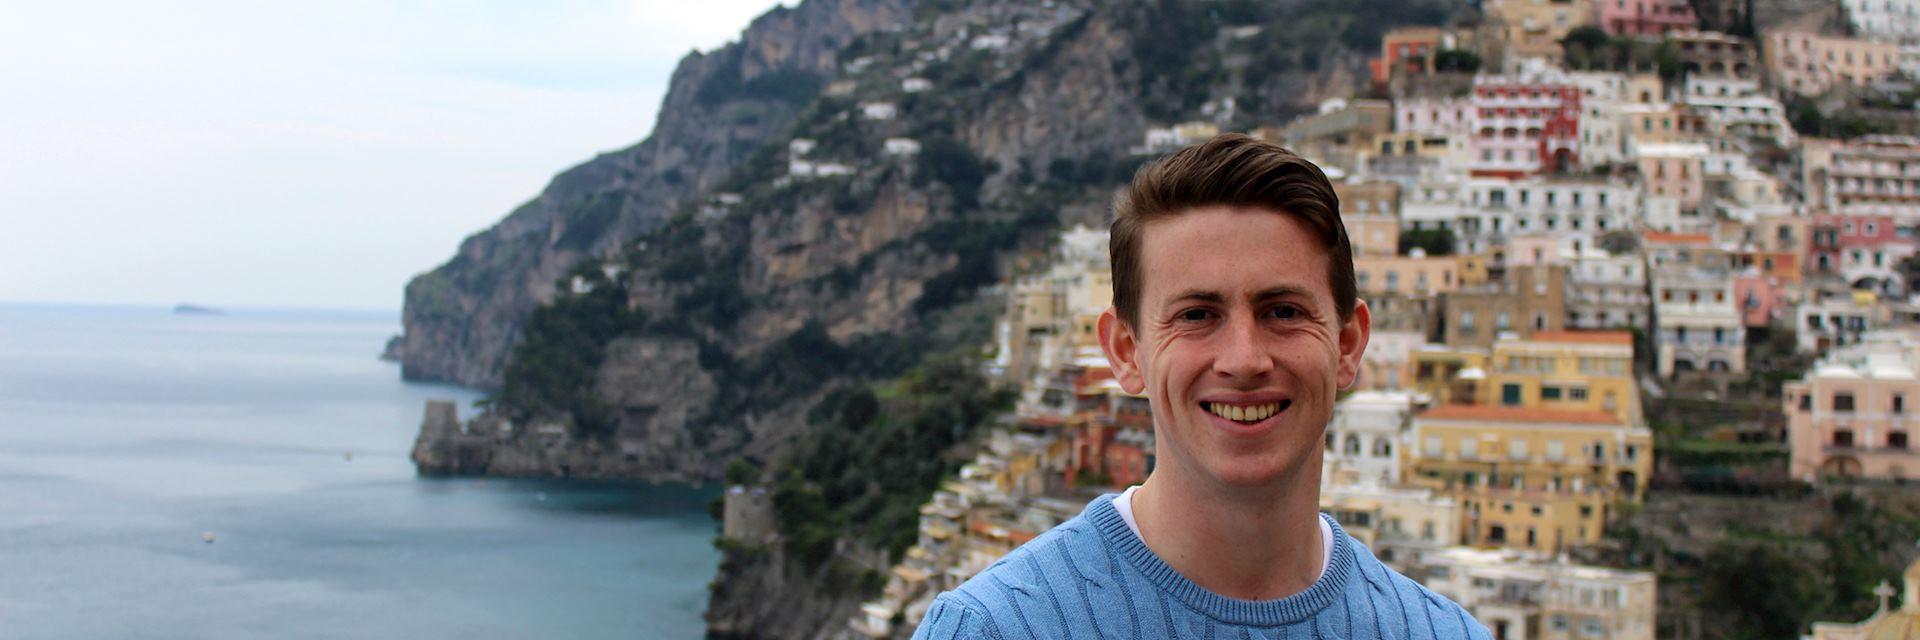 Gavin in Positano